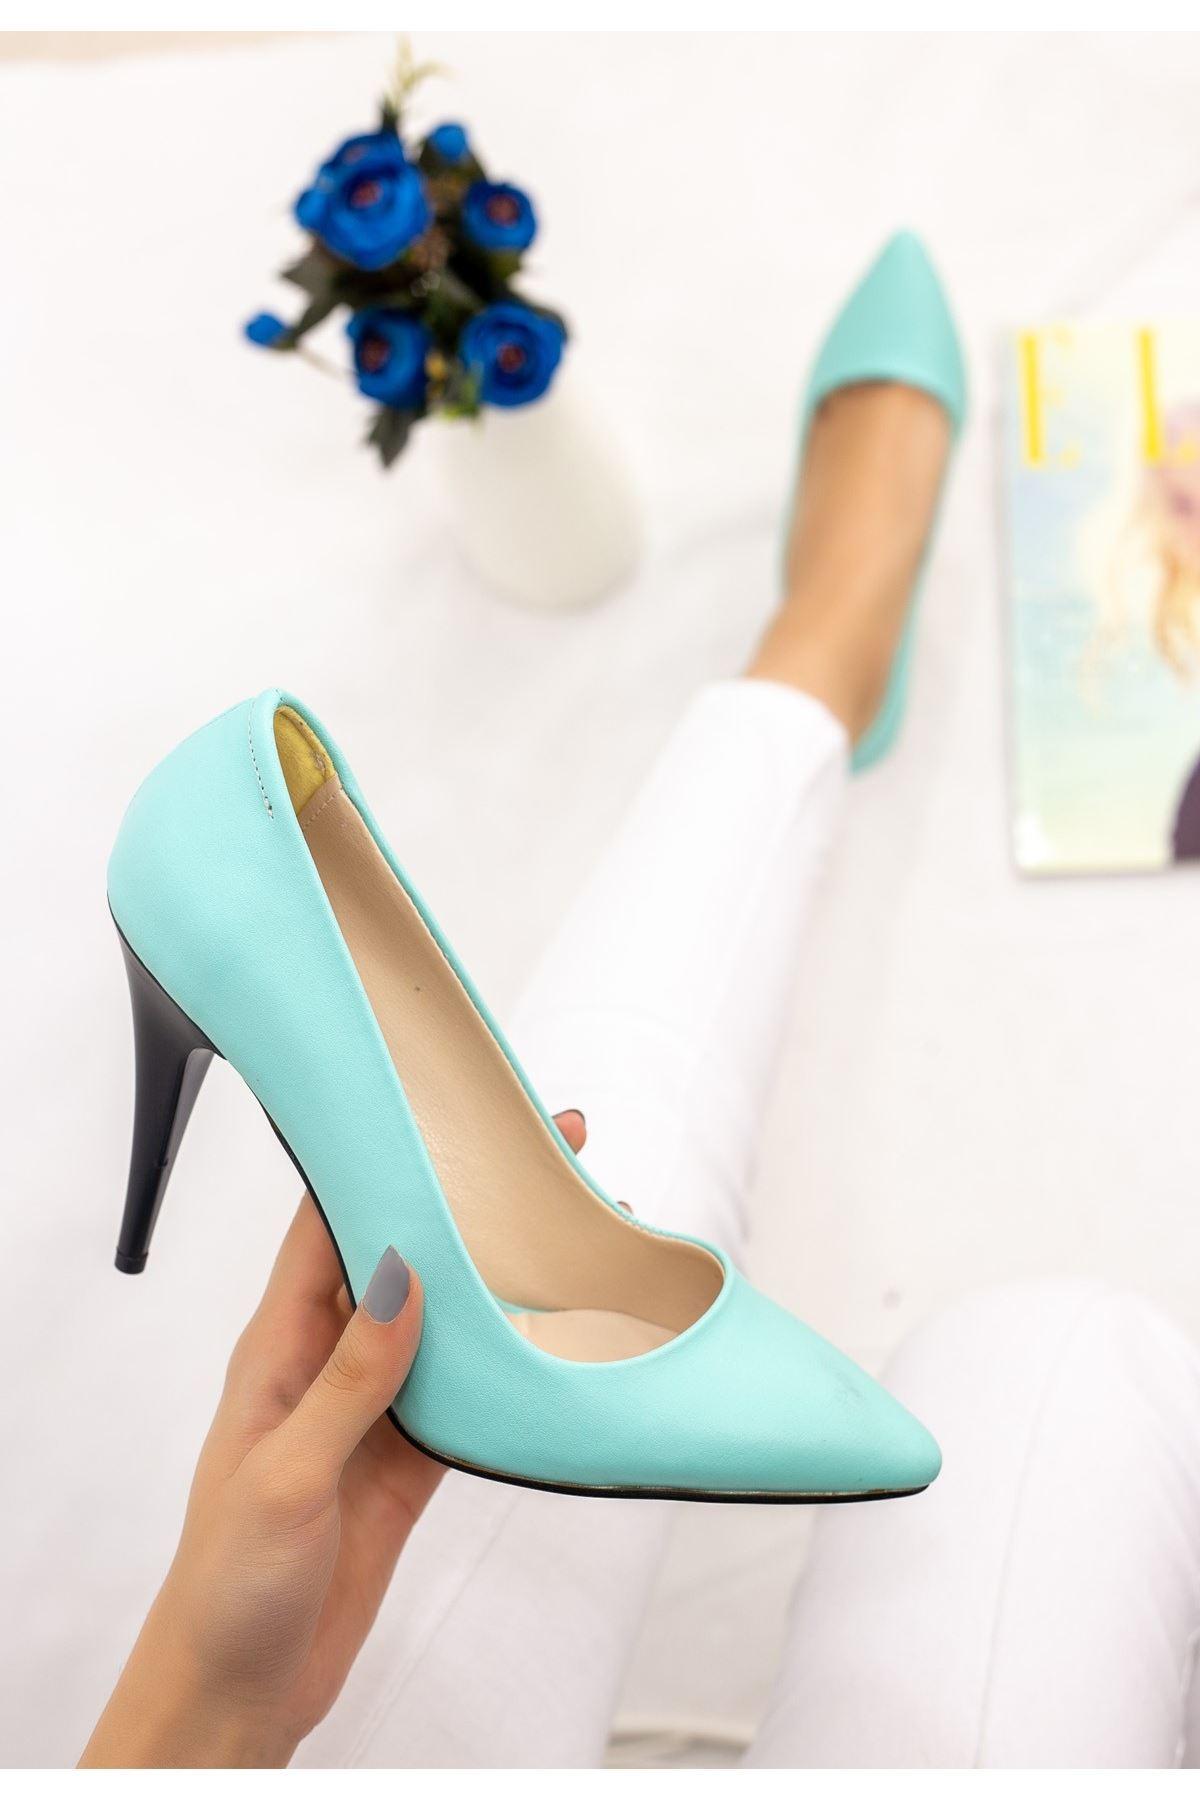 Revaxi Su Yeşili Cilt Desenli Stiletto Ayakkabı